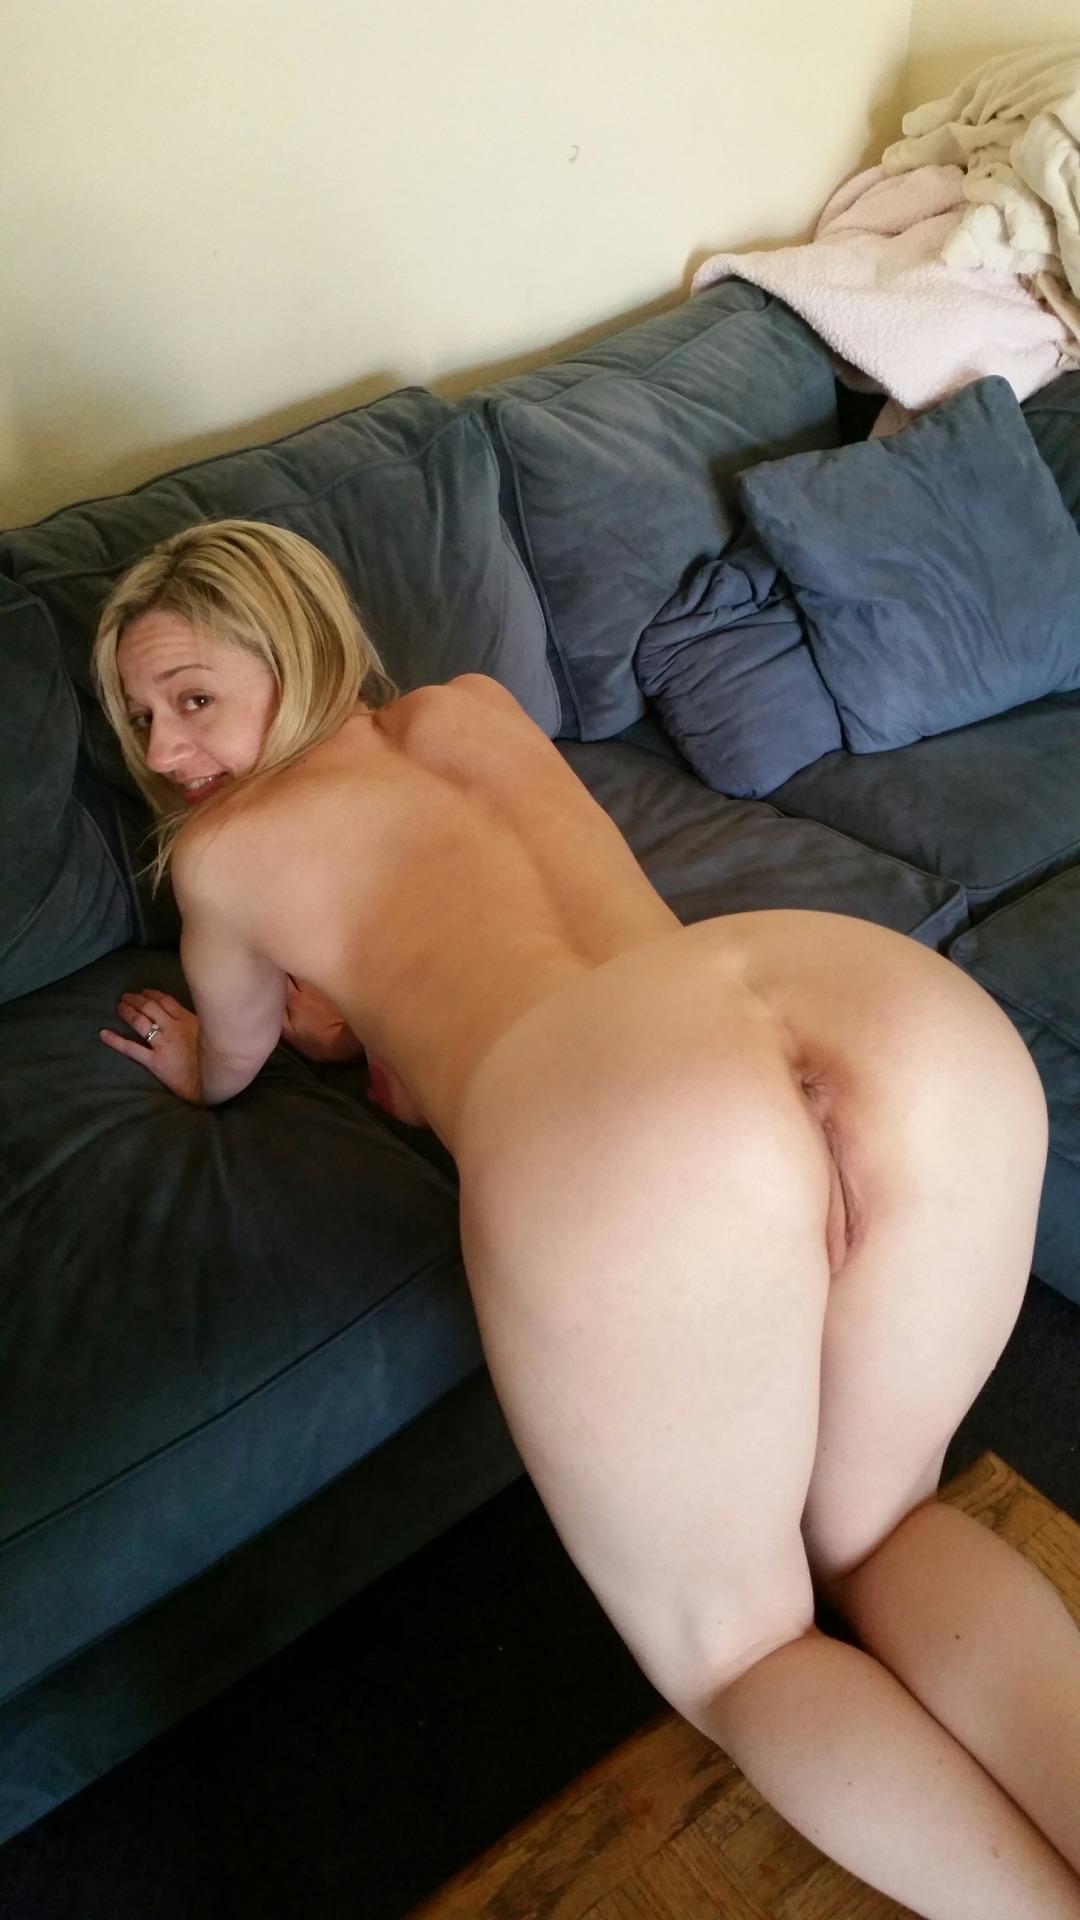 tumblr nude photo